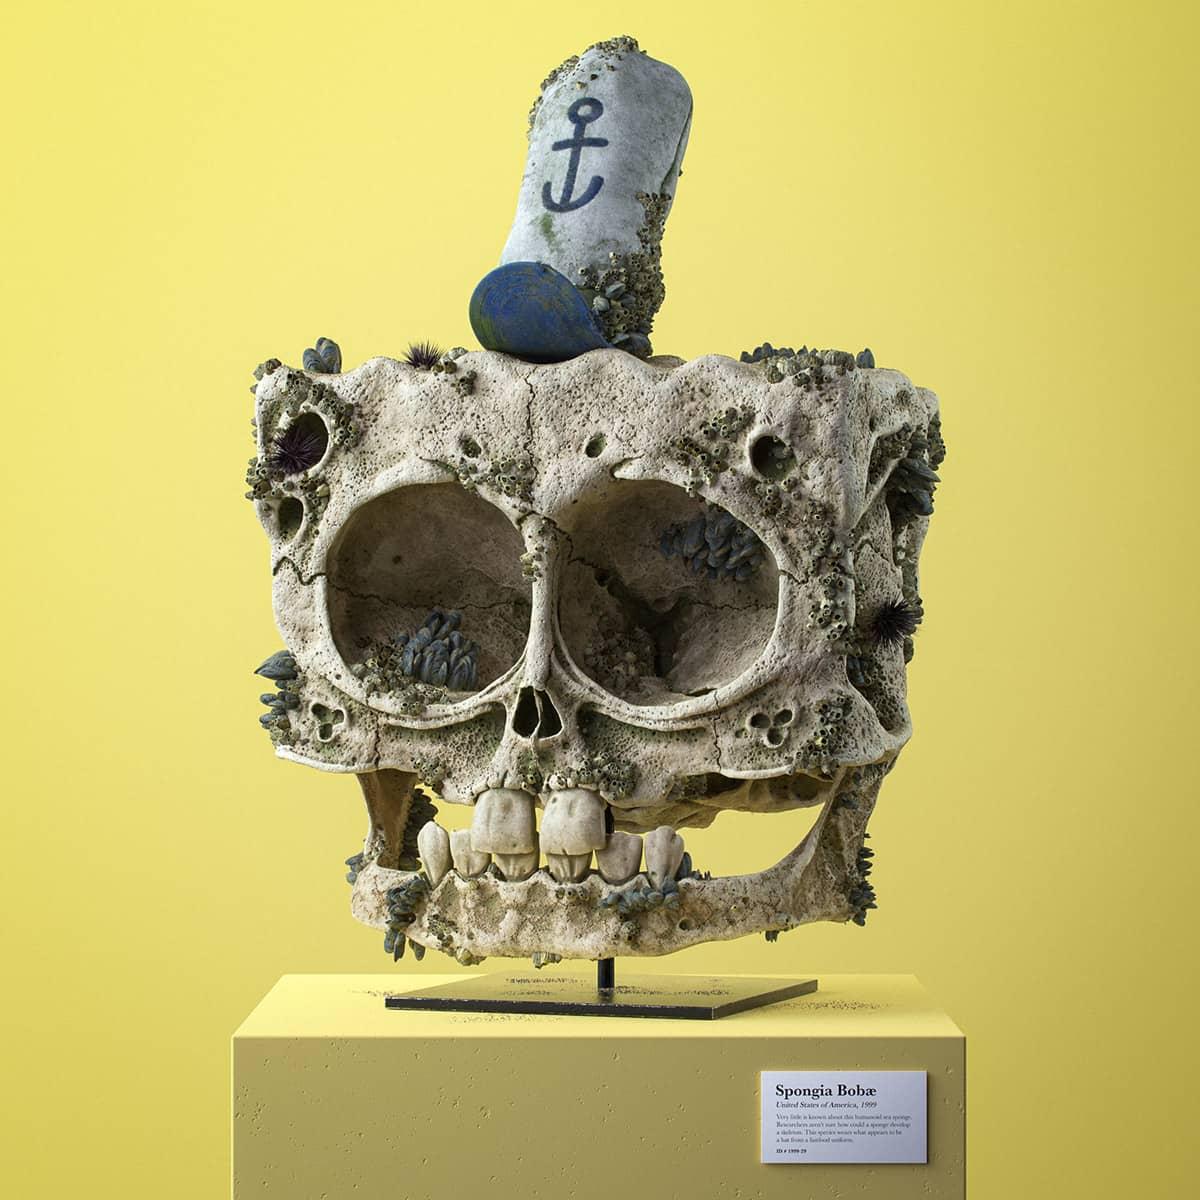 craneo en 3d de bob esponja hecho por Filip Hodas